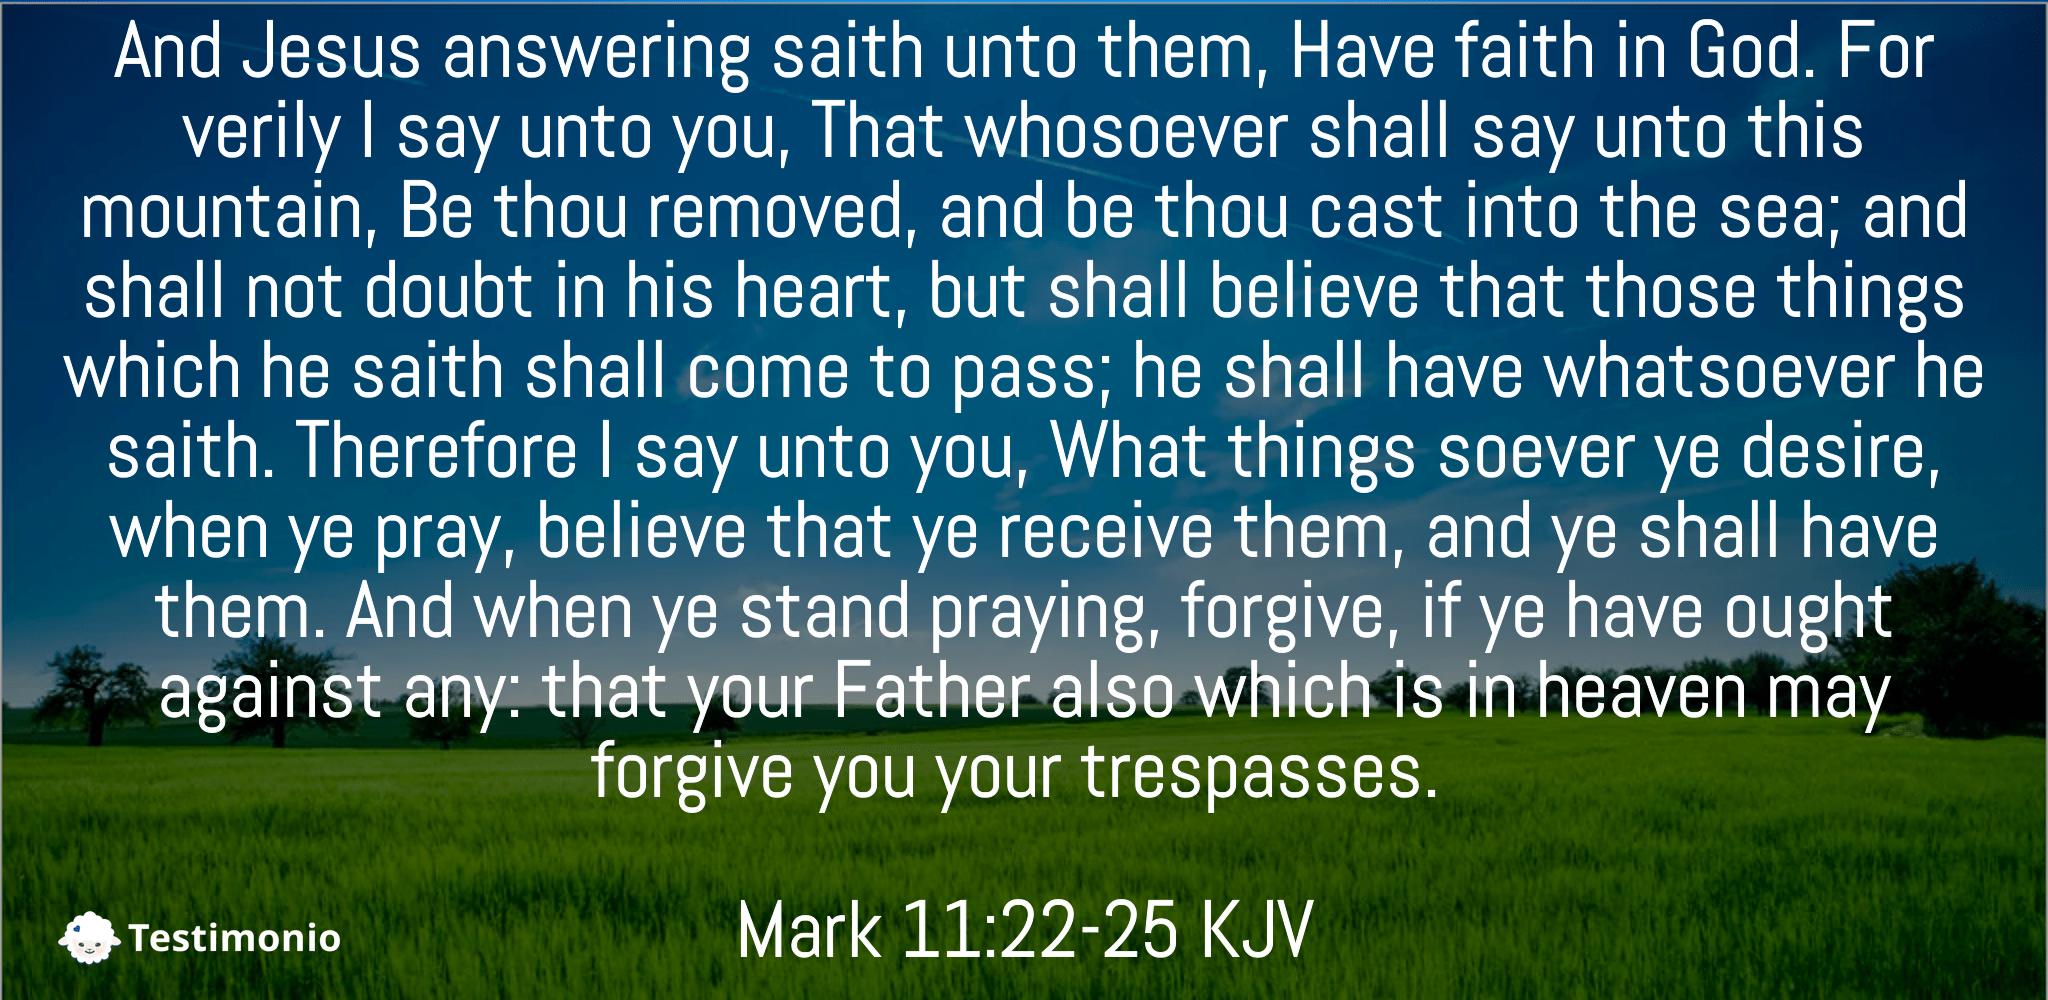 Mark 11:22-25